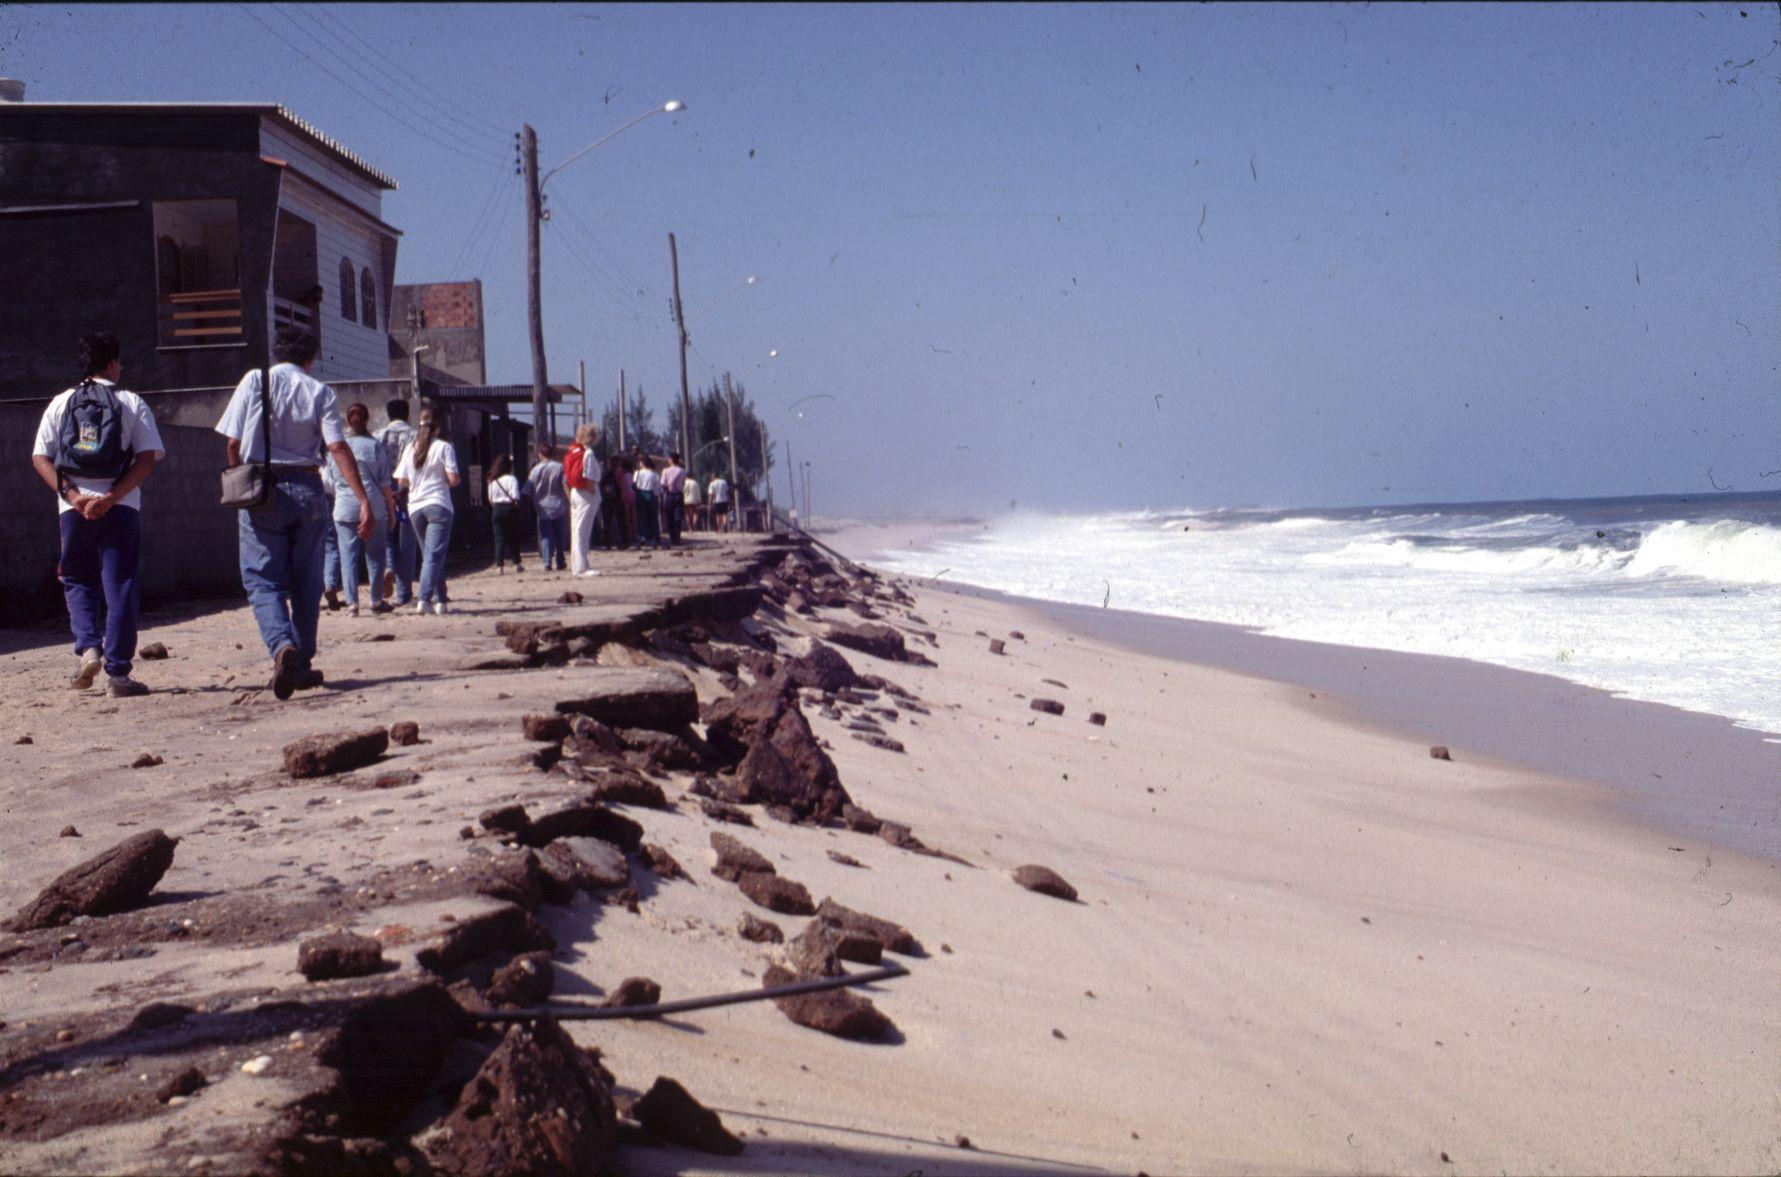 anos causados por ressaca na praia de Itaipuaçu, em Maricá, em 1993: fenômeno cada vez mais frequente no litoral do município (Foto: Maria Augusta Martins)